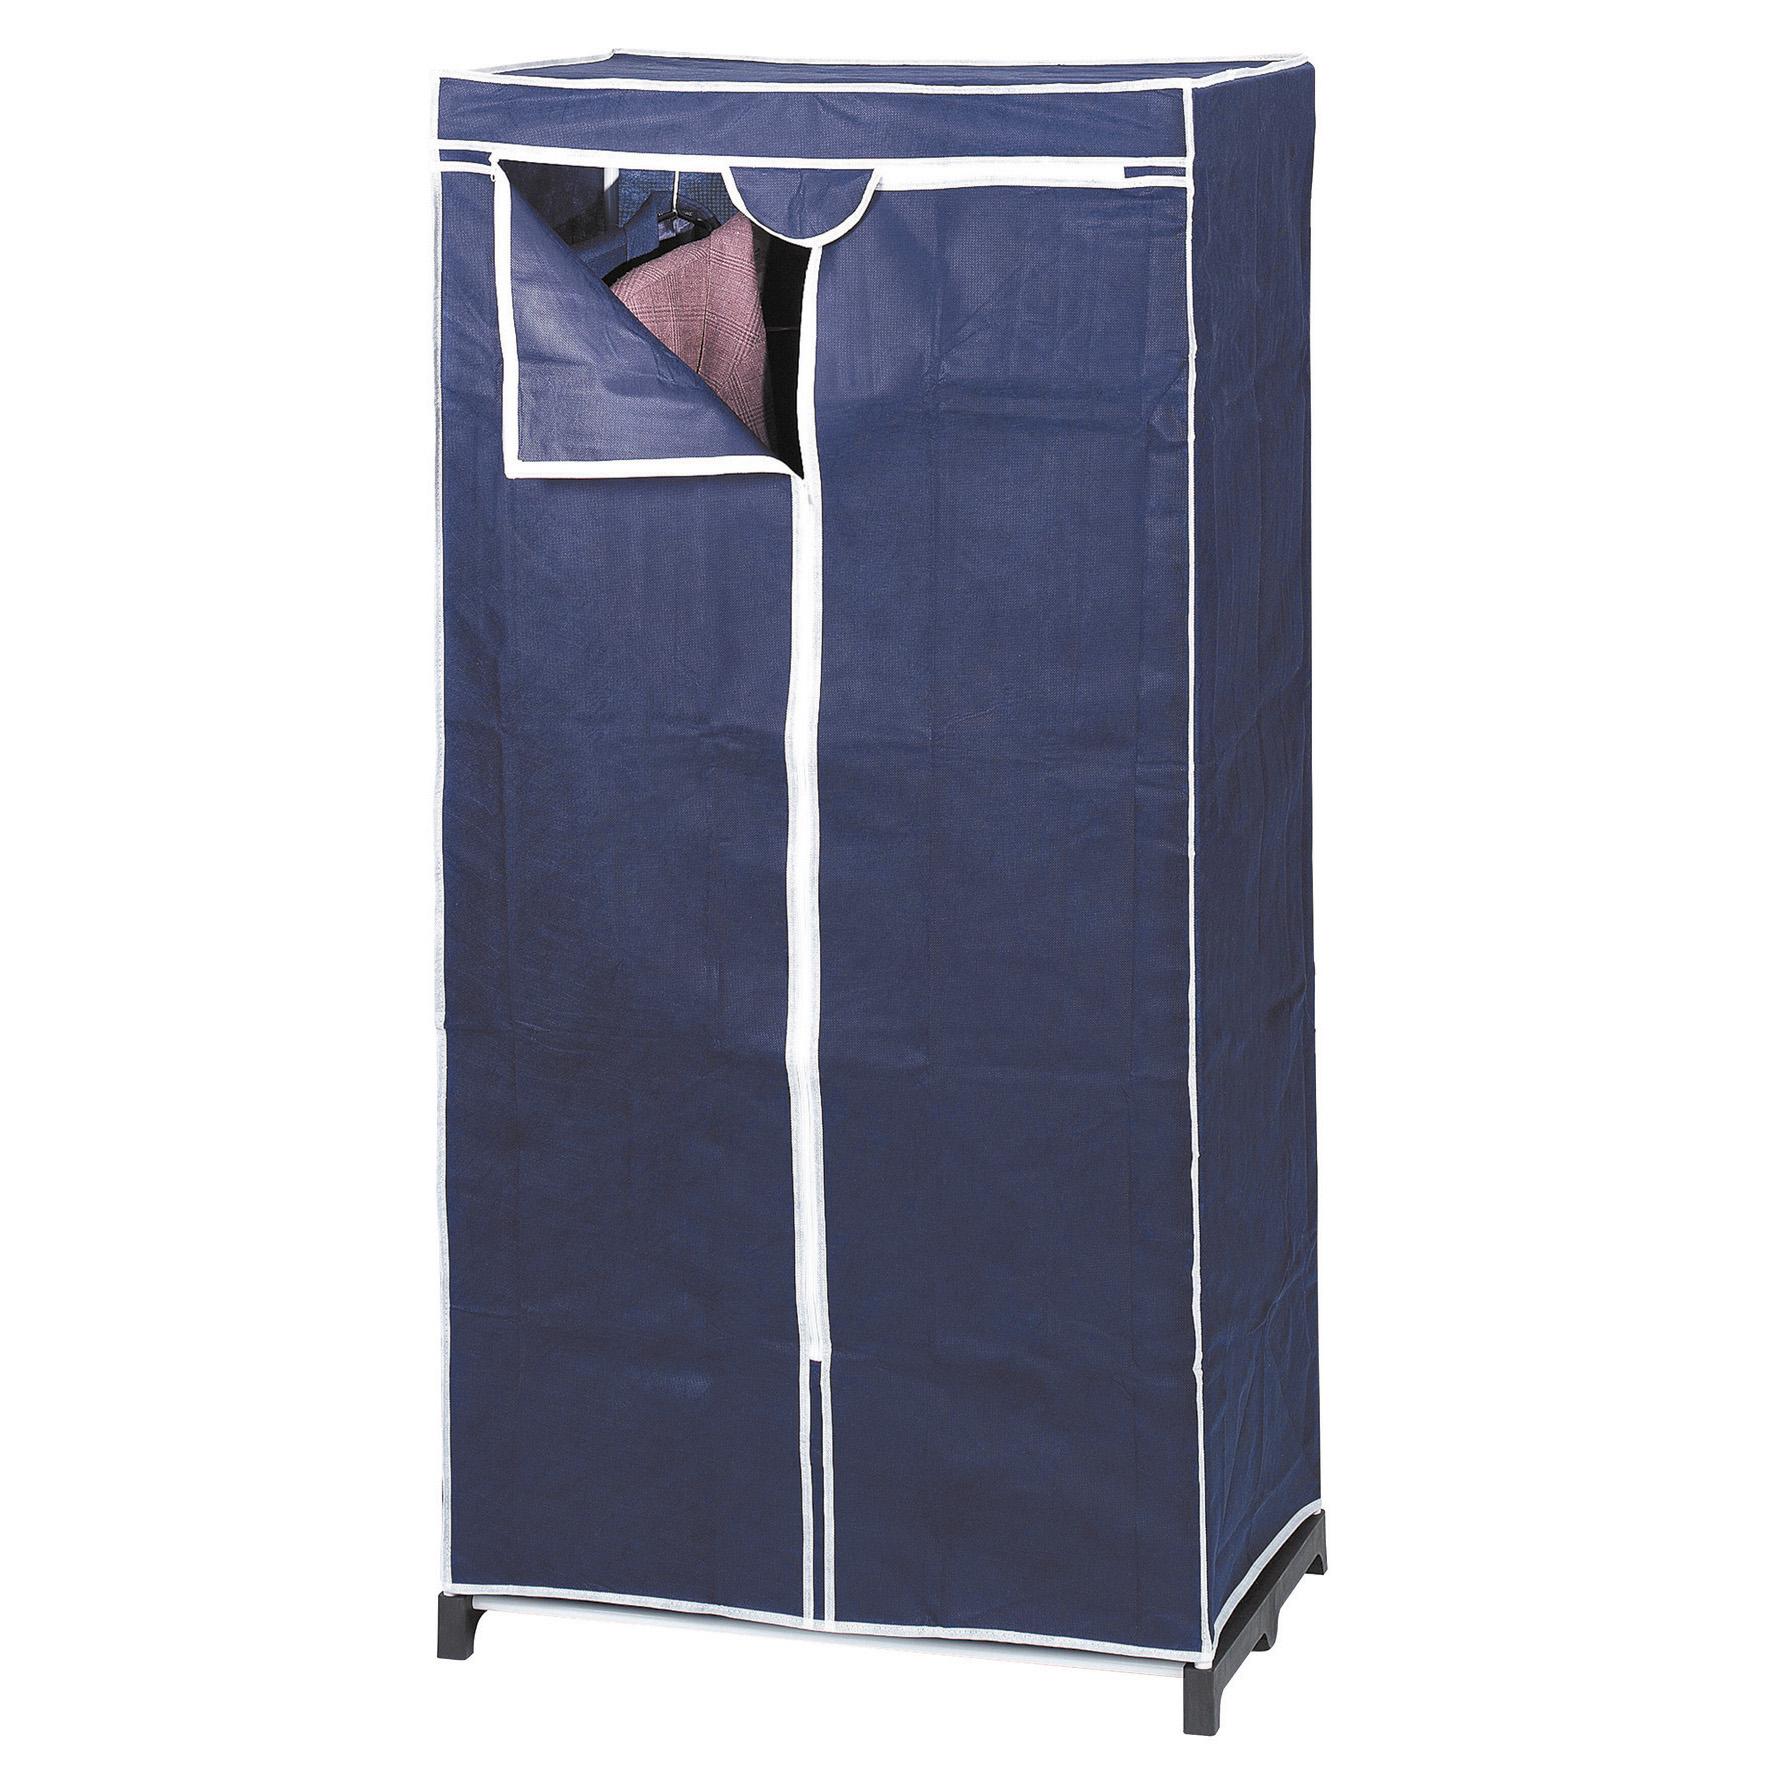 campingschrank stoff schrank kleiderschrank stoffschrank. Black Bedroom Furniture Sets. Home Design Ideas